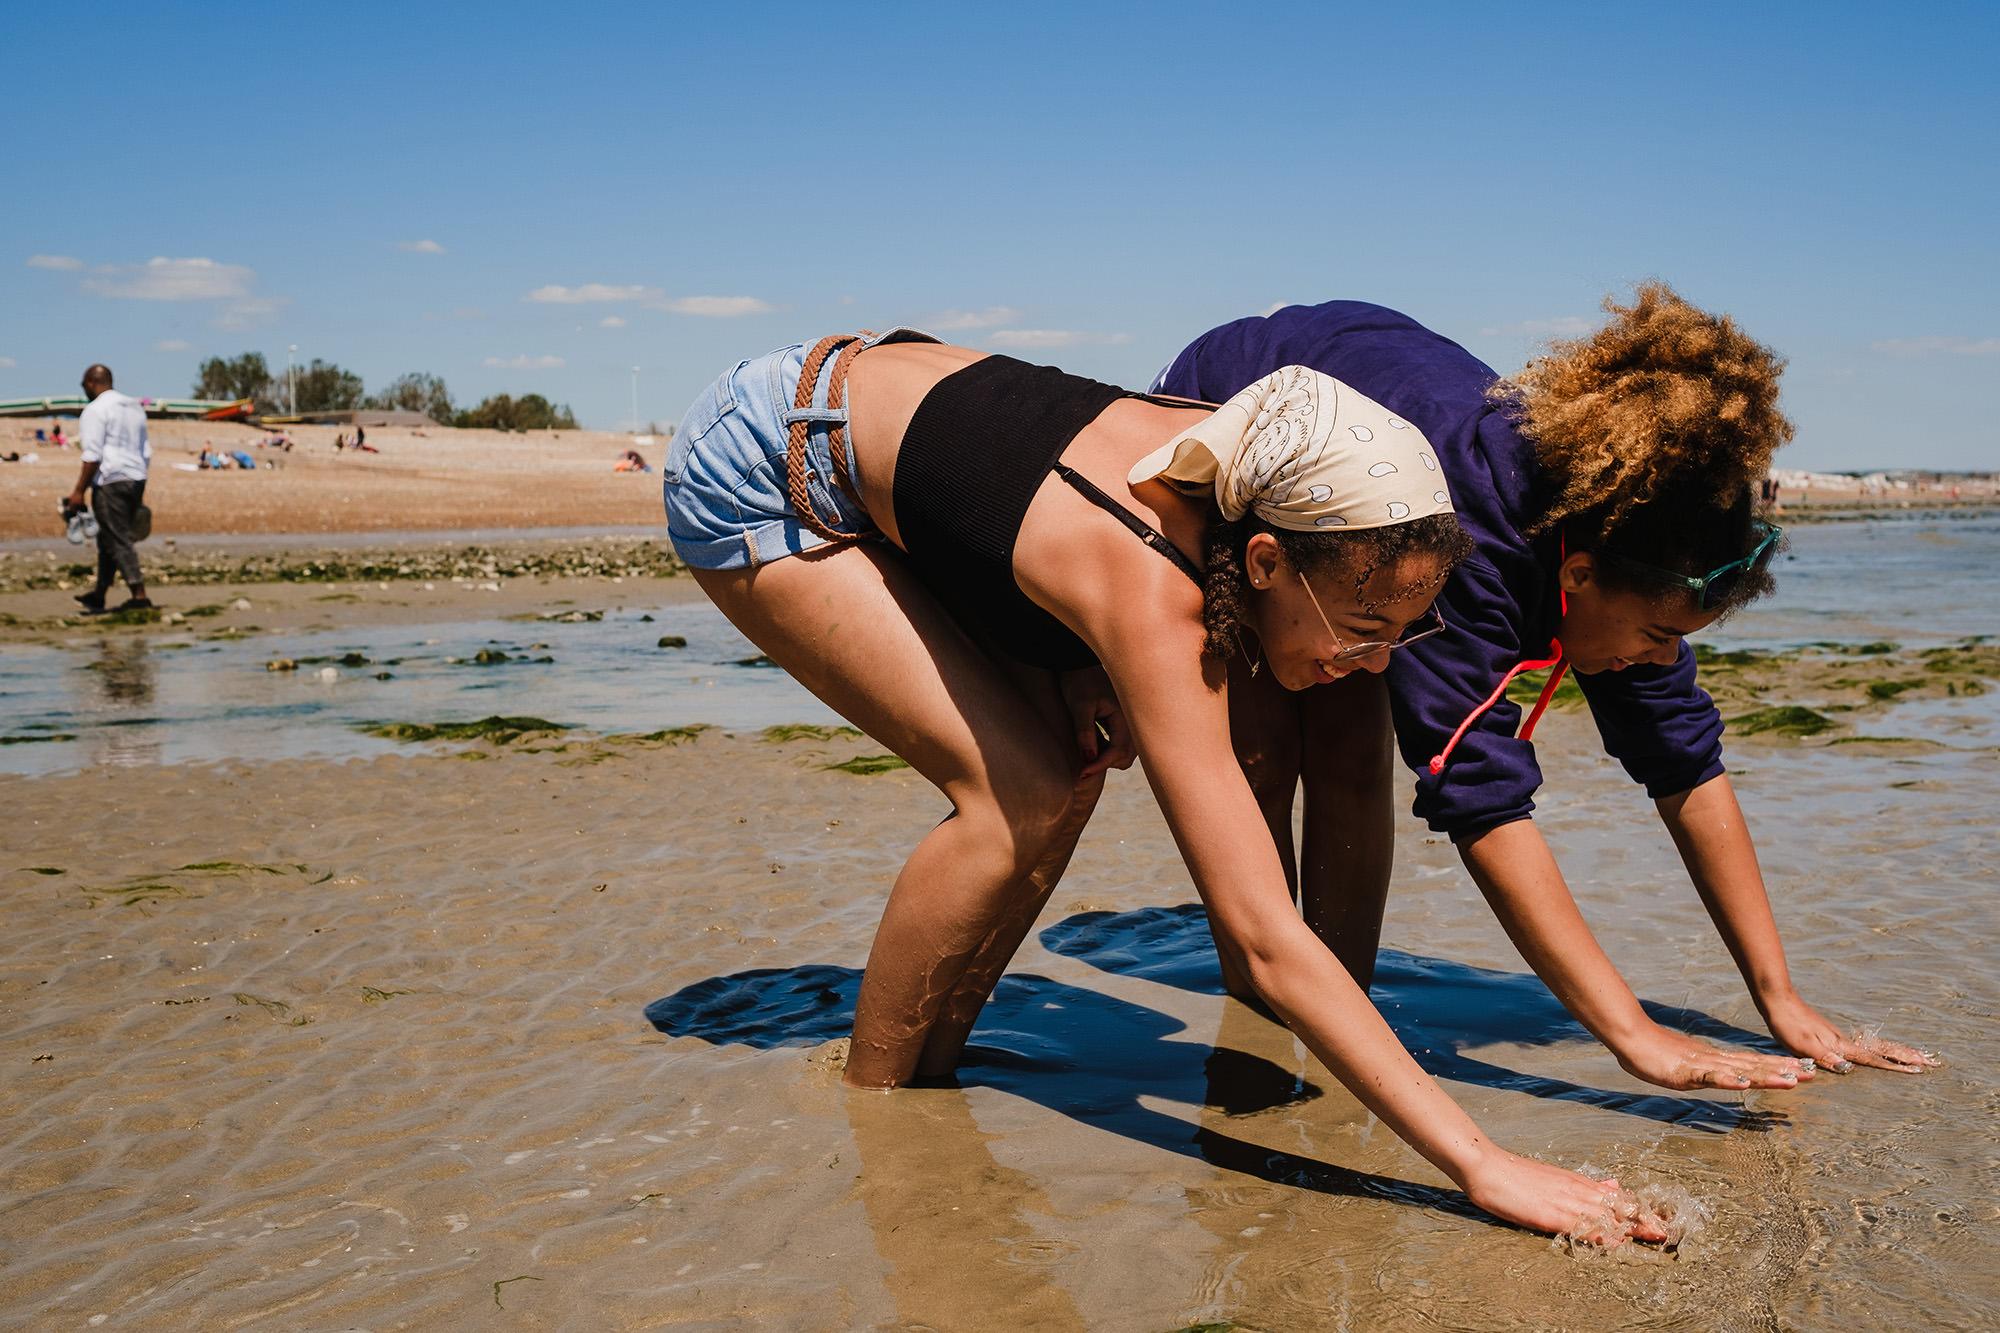 fun at the beach in summer